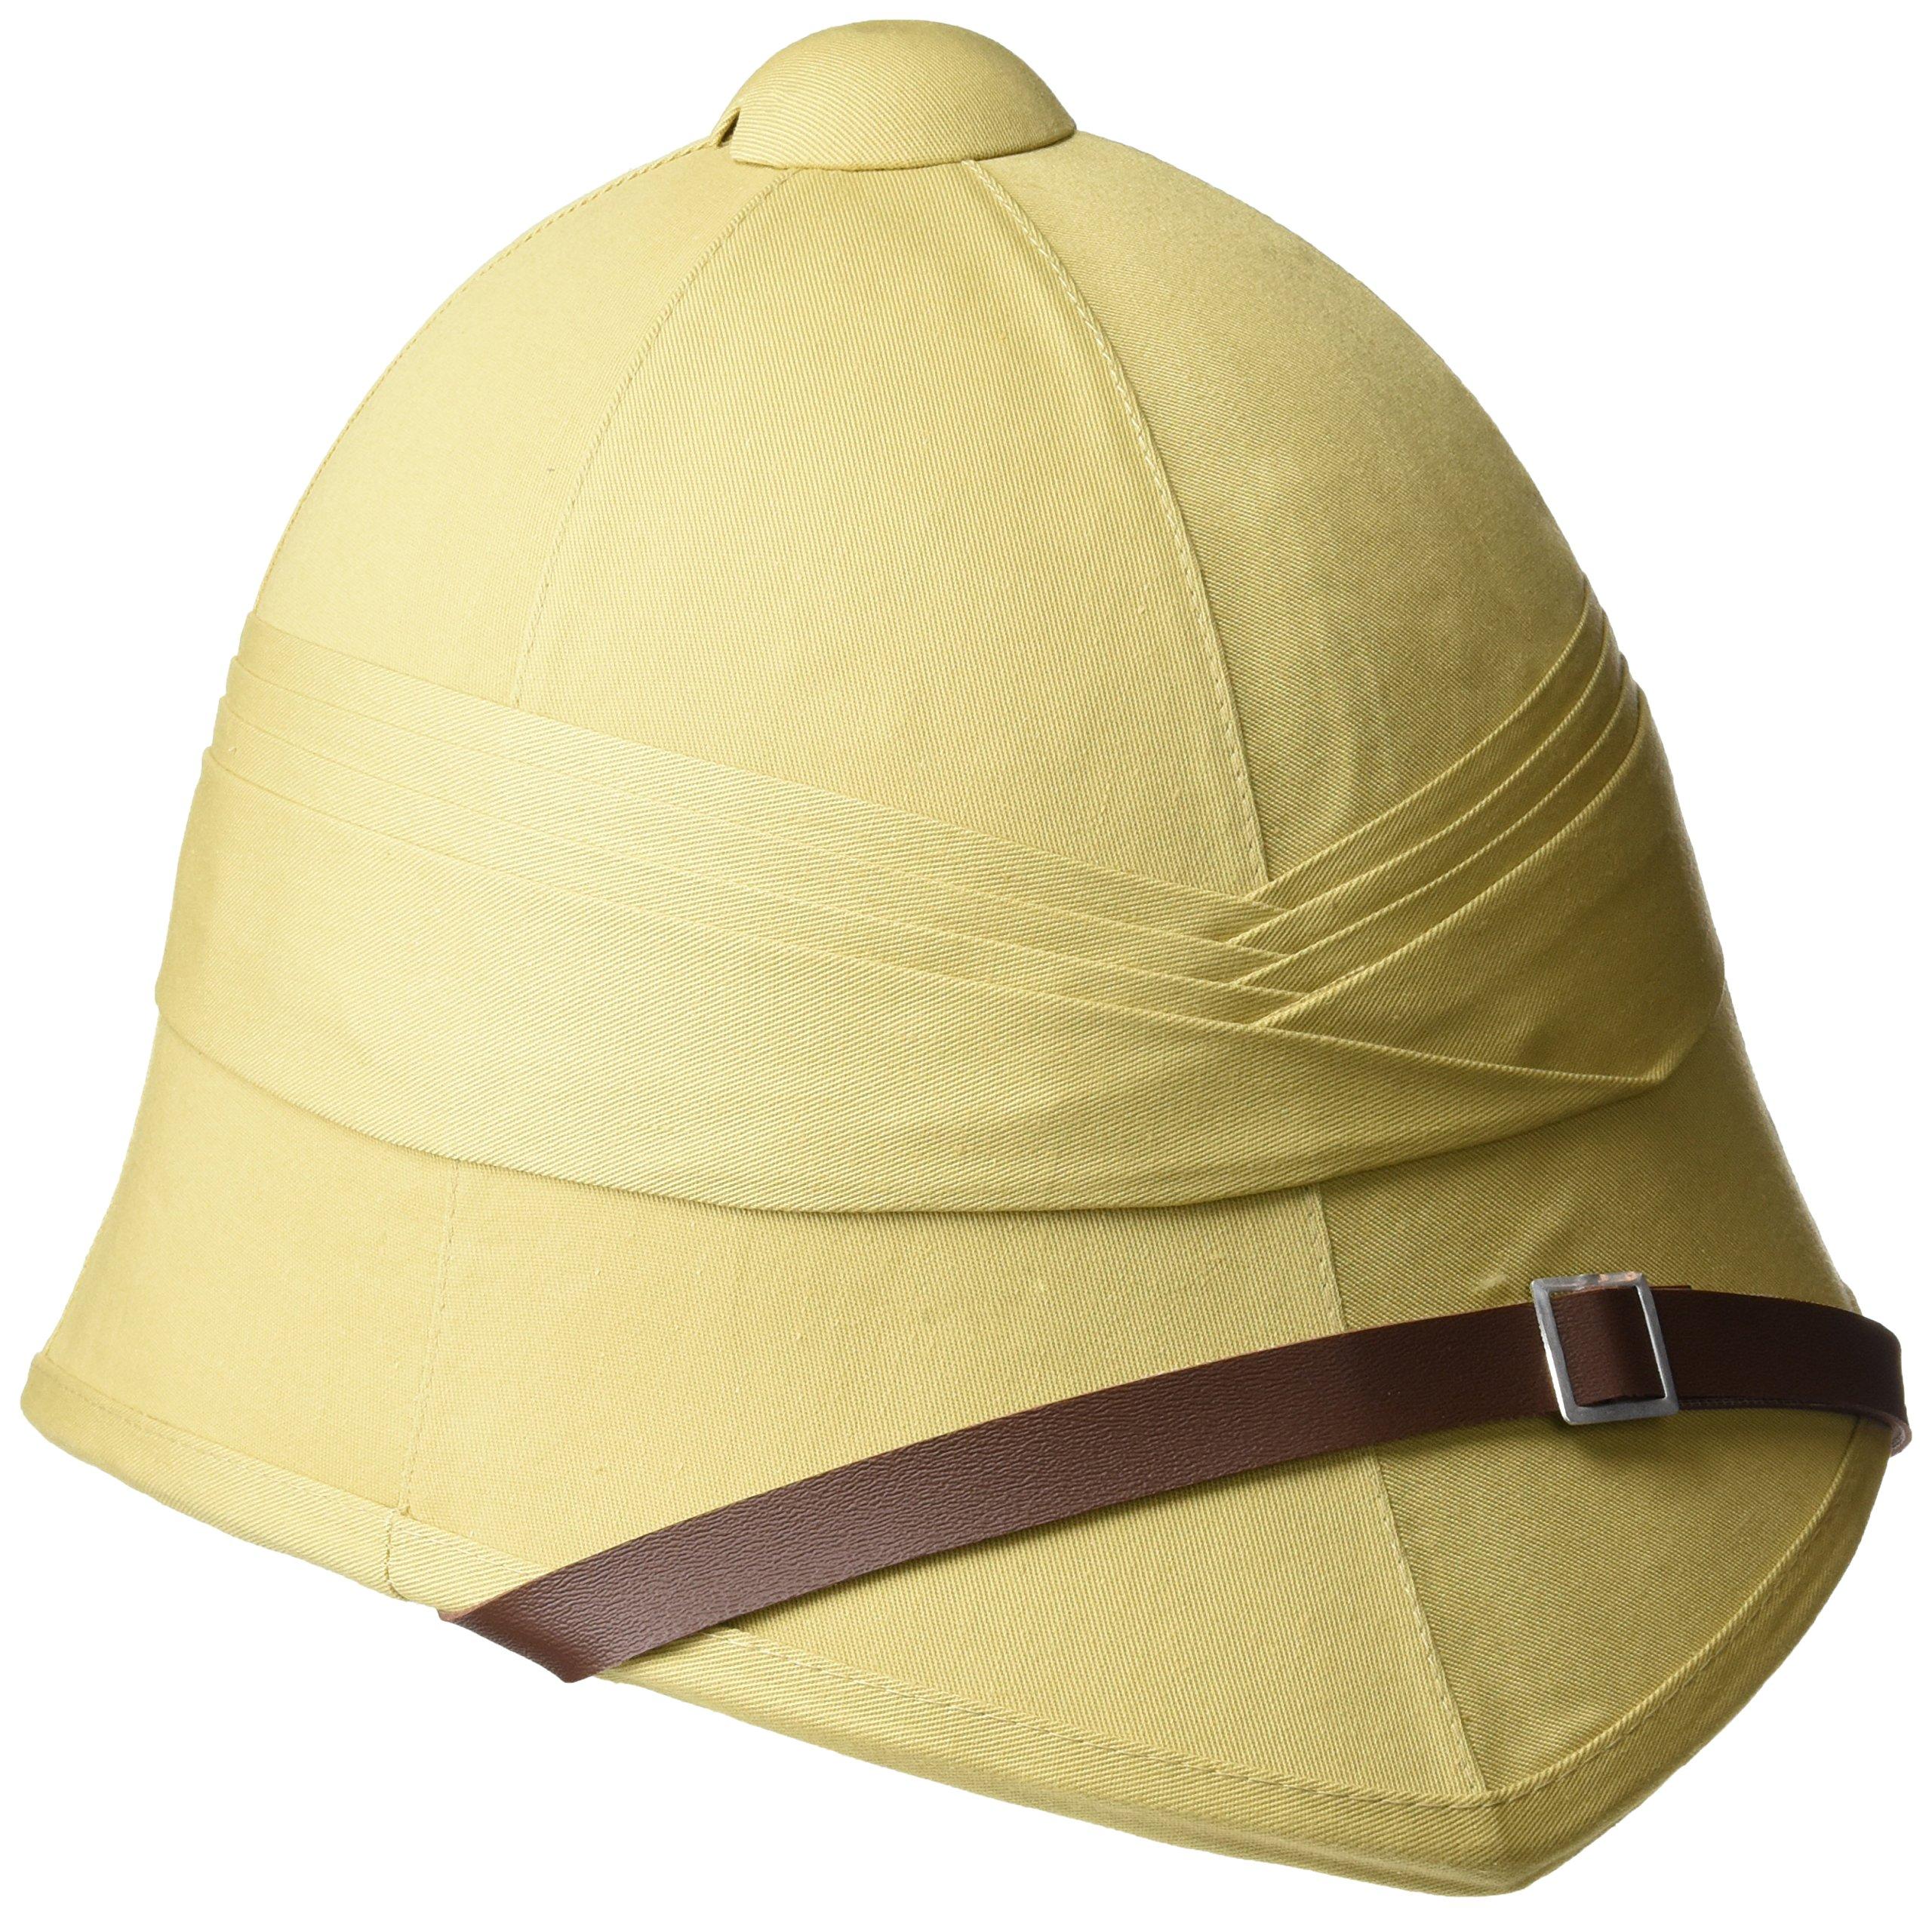 Mil-Tec Pith Helmet